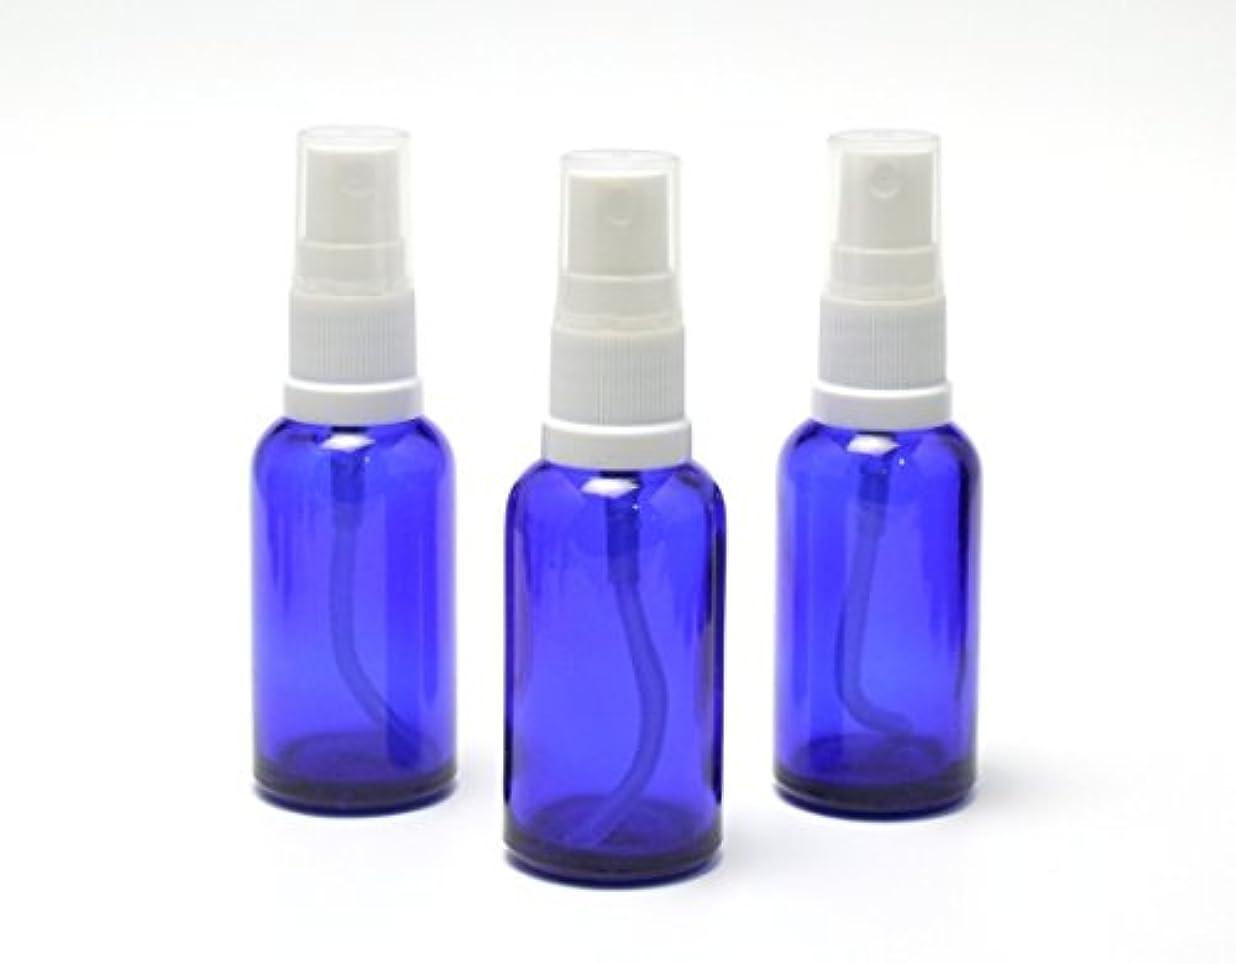 有限スチール一部遮光瓶 スプレーボトル 30ml  コバルトブルー / ホワイトヘッド(グラス/アトマイザー)【 アウトレット商品 】